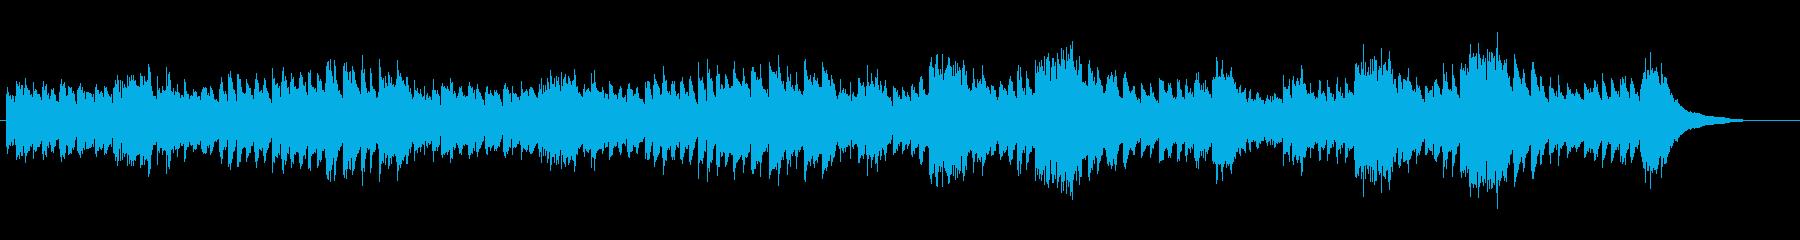 ピアノによる落ち着いたテンポのメヌエットの再生済みの波形